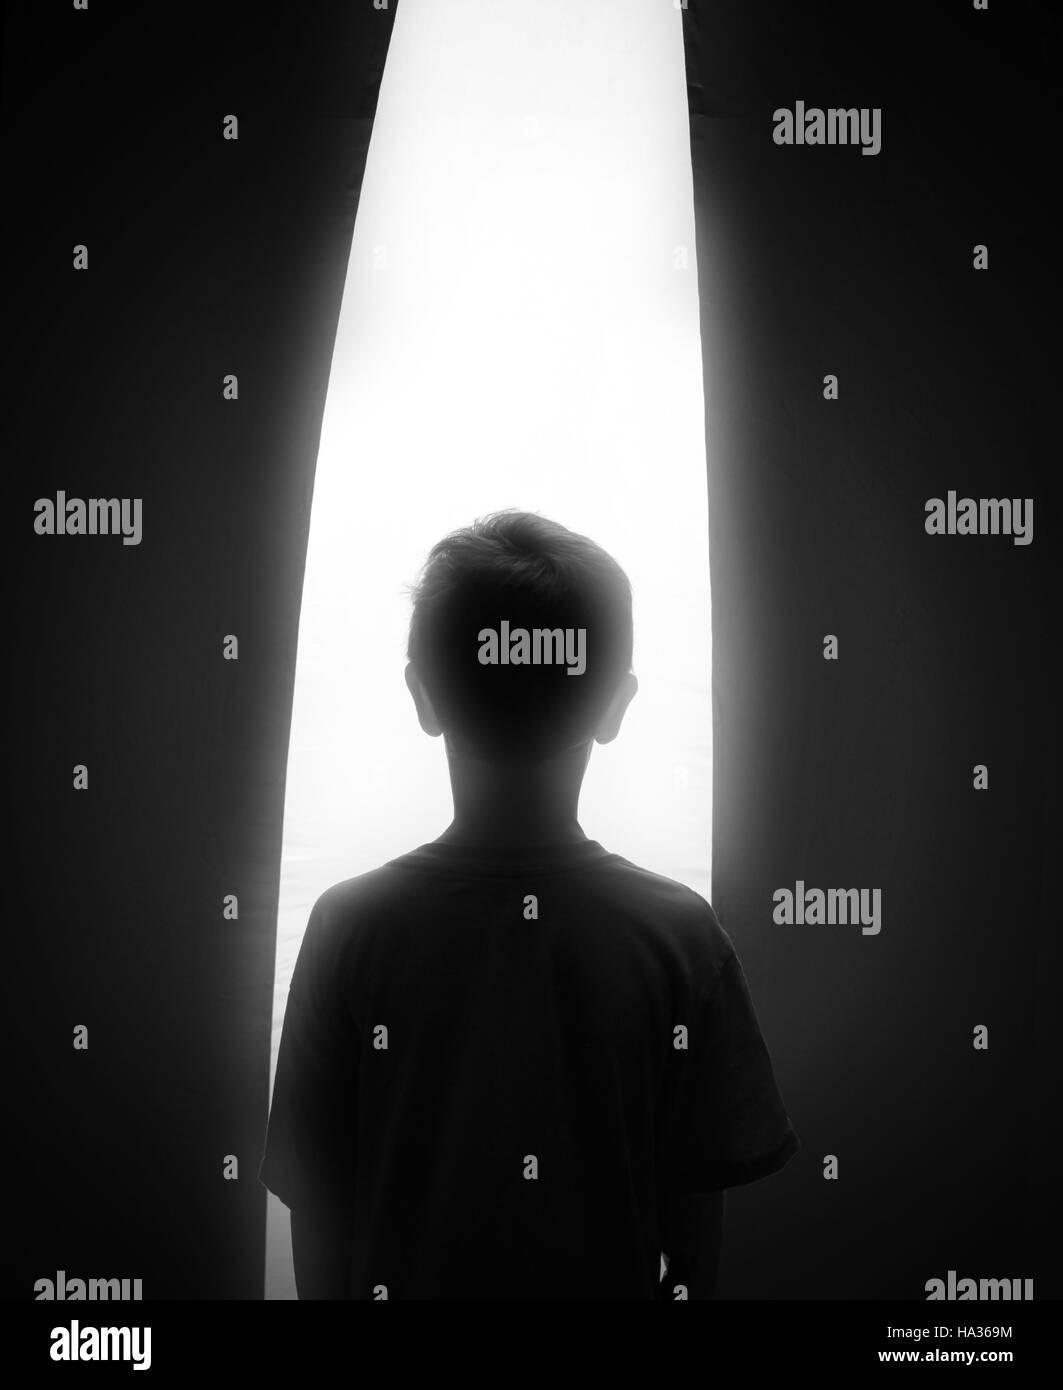 Una silueta en blanco y negro de un chico joven en busca de un blanco brillante para una ventana de esperanza, sueño Imagen De Stock